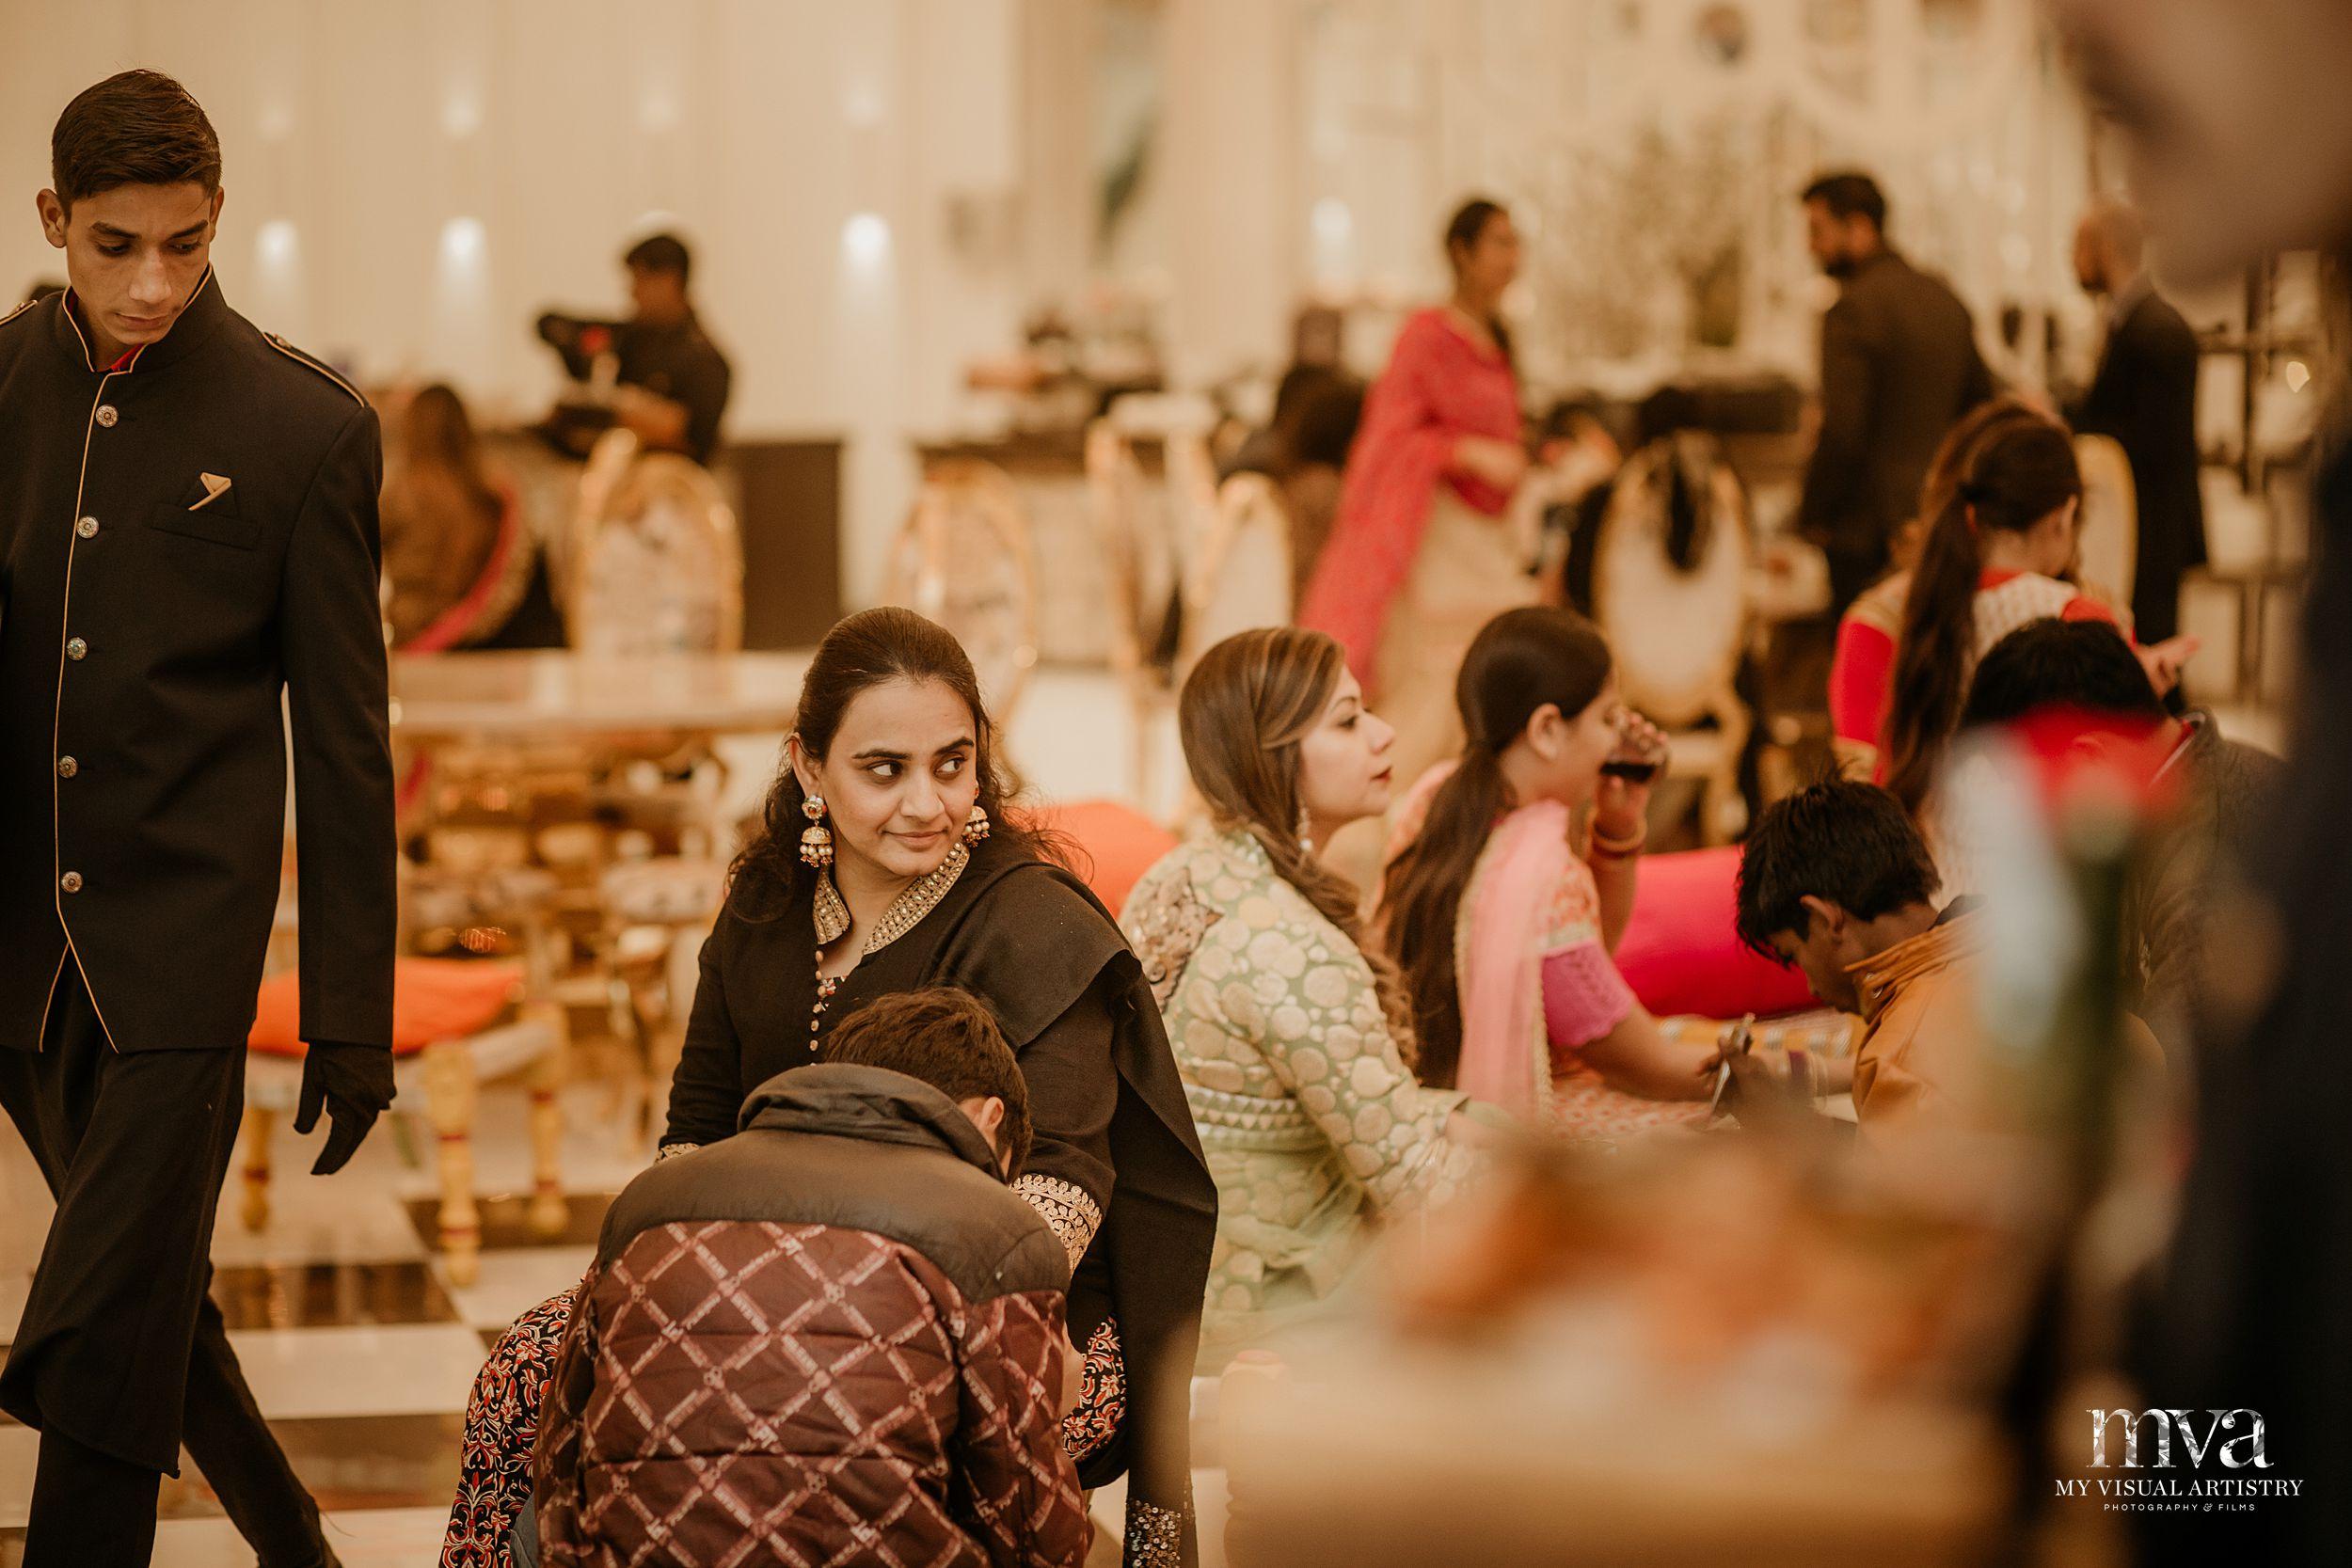 anant_arundhati_myvisualartistry_mva_wedding_sikh_ - 085.jpg